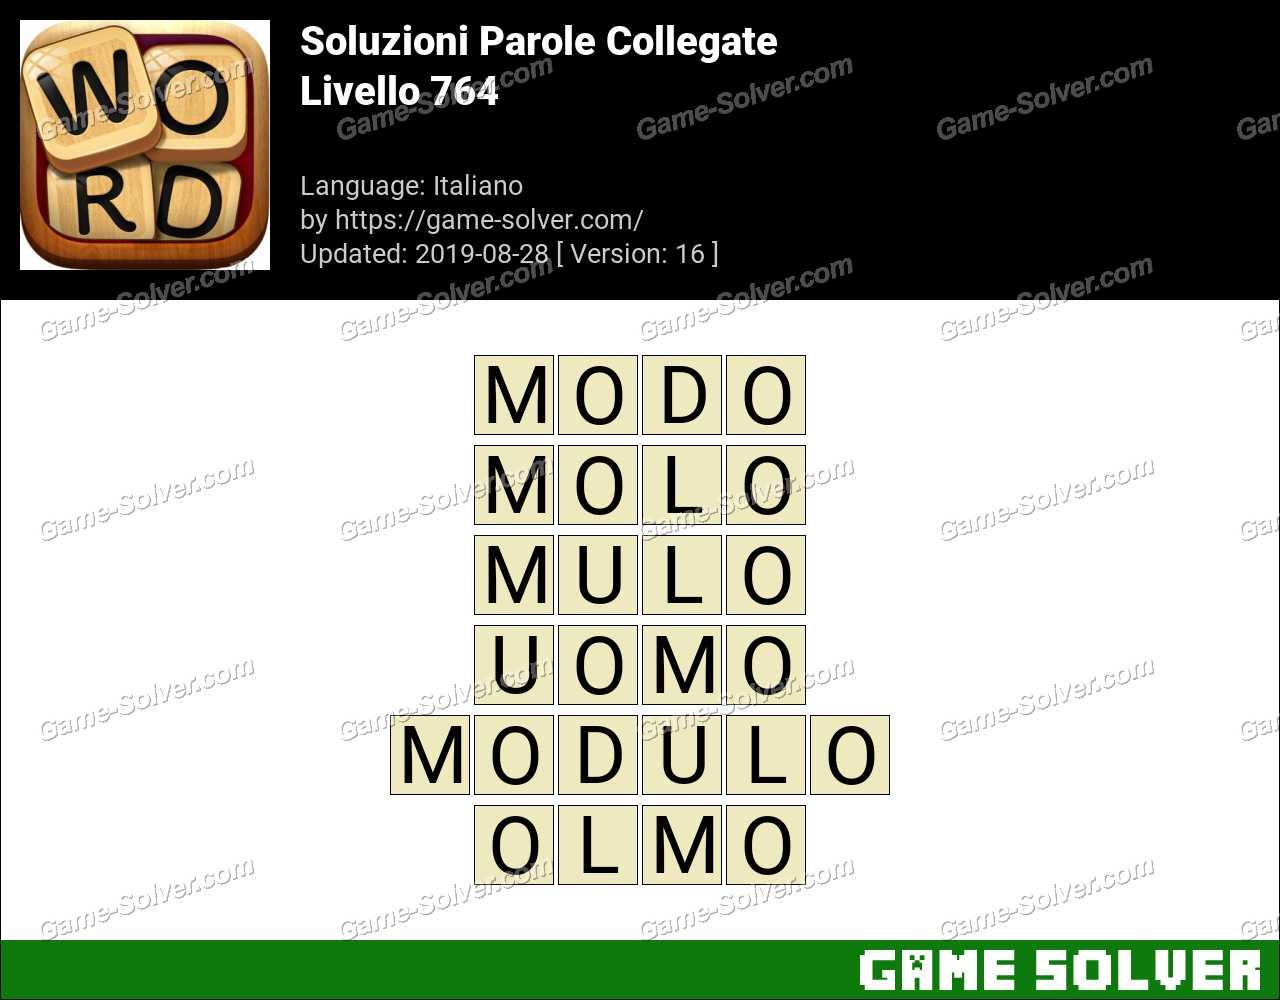 Soluzioni Parole Collegate Livello 764